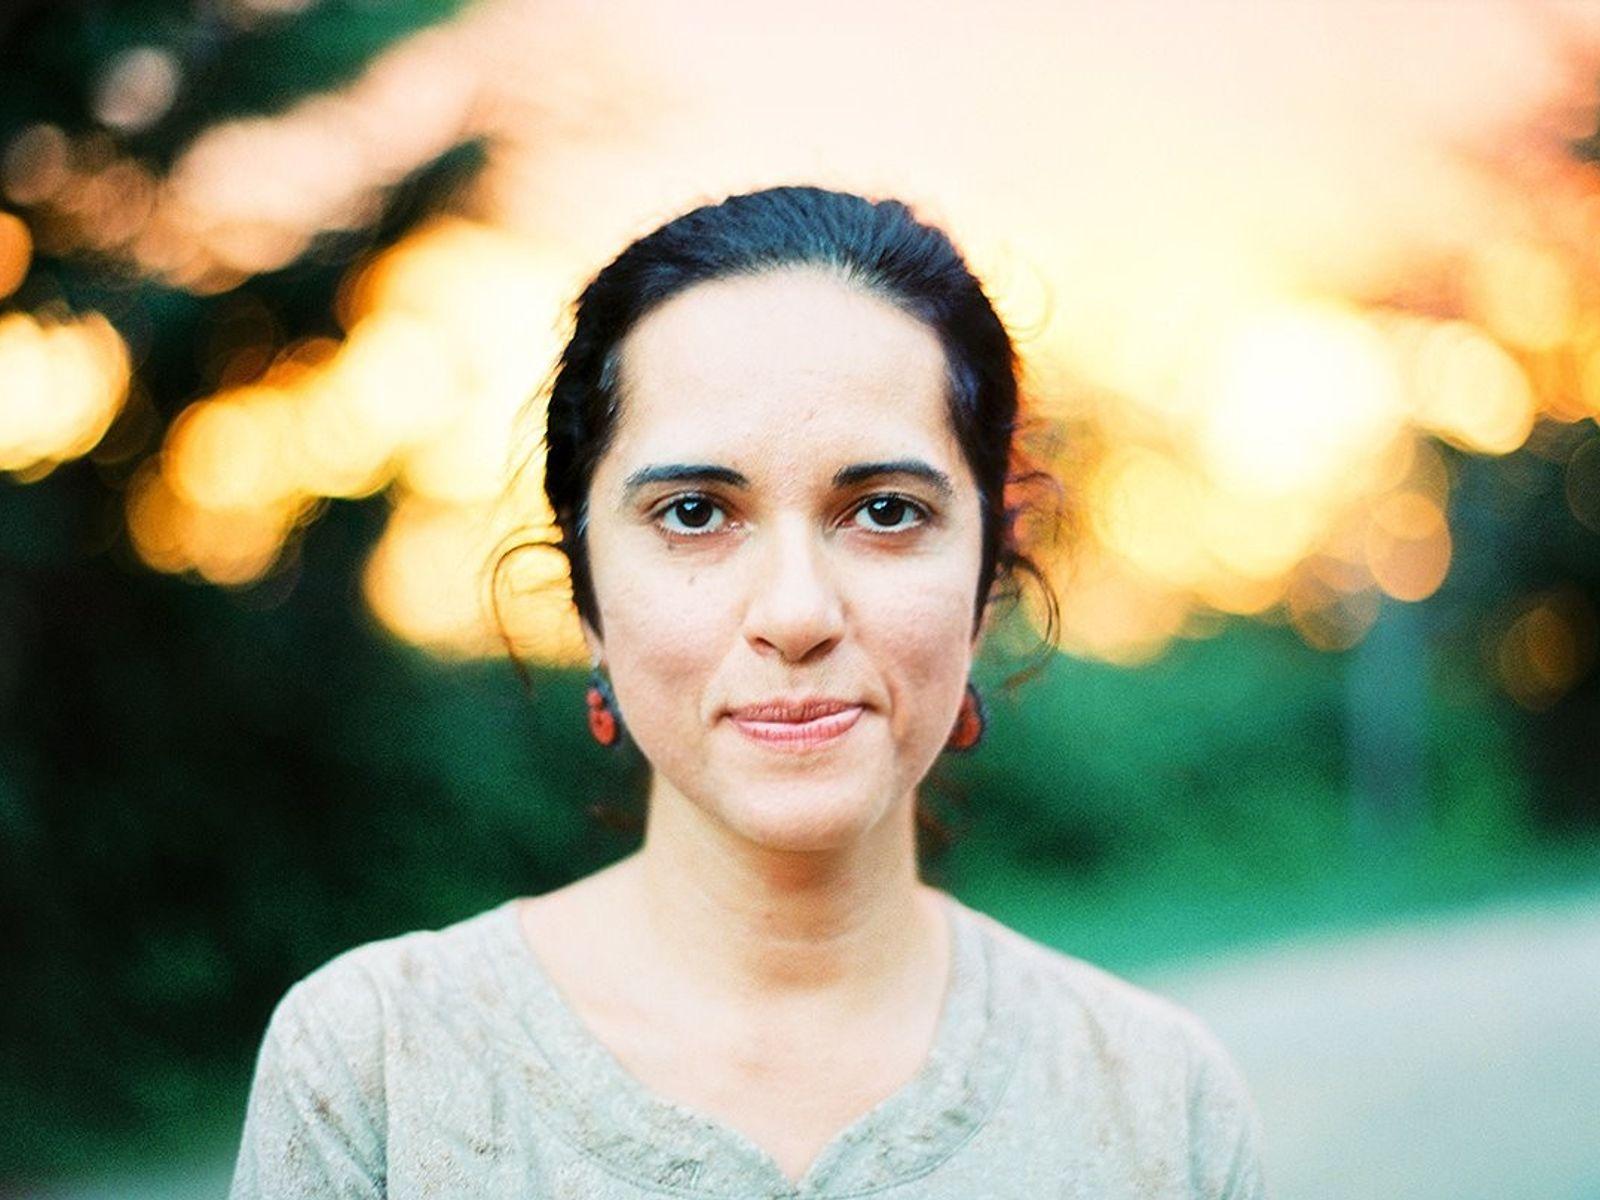 Rena Effendi ist eine preisgekrönte National-Geographic-Fotografin geboren und aufgewachsen in Baku, Aserbaidschan.